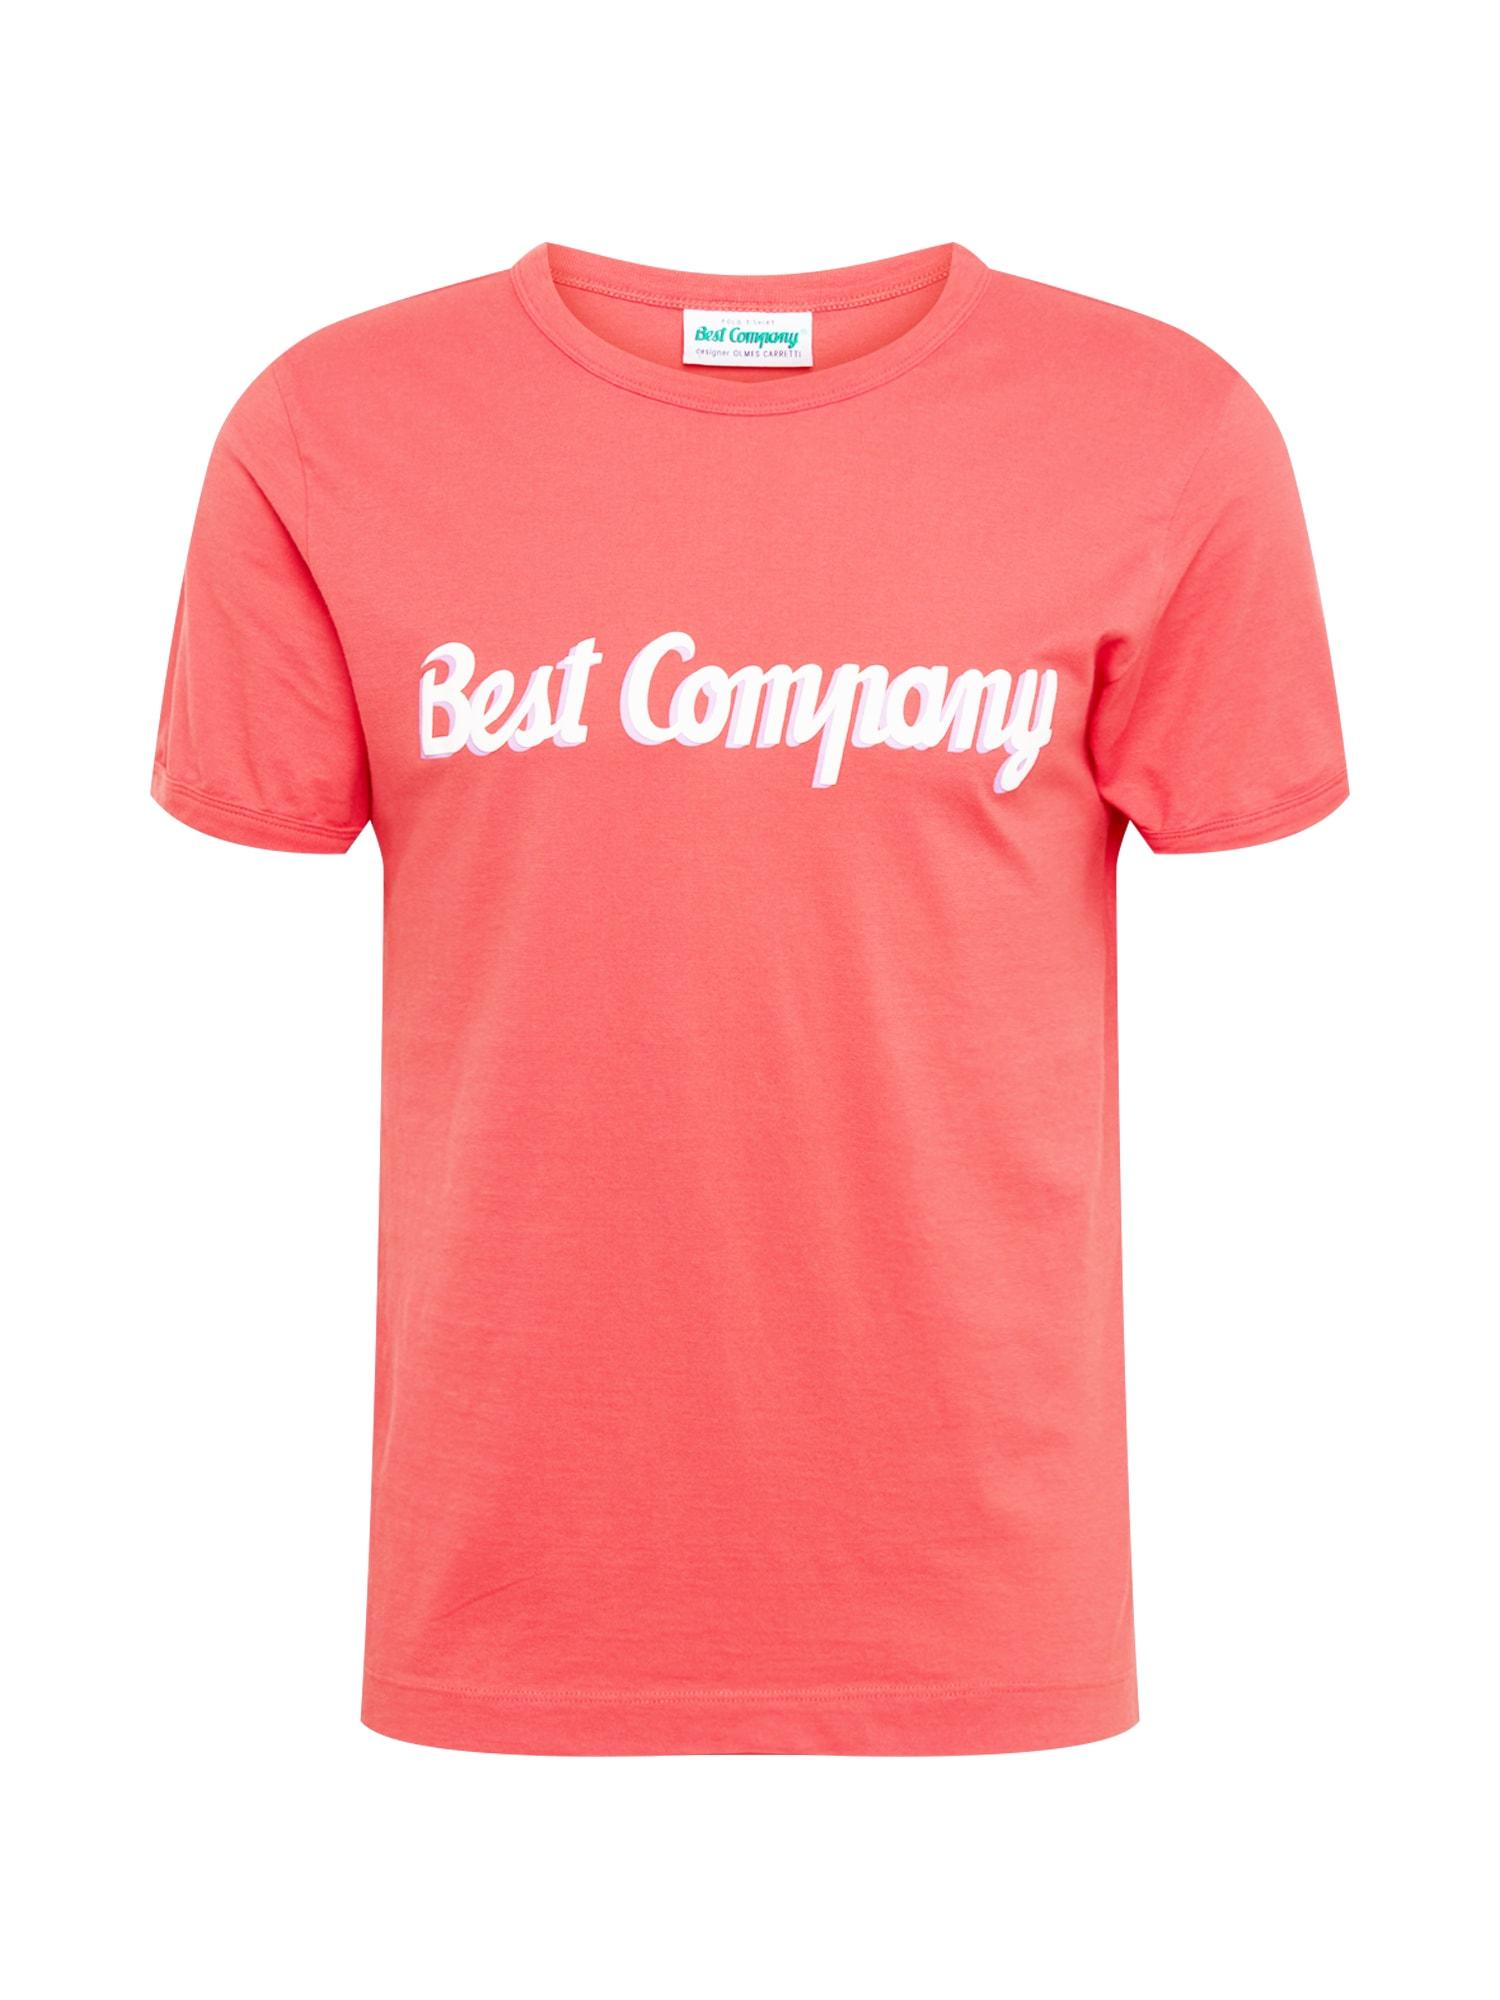 Tričko melounová bílá Best Company